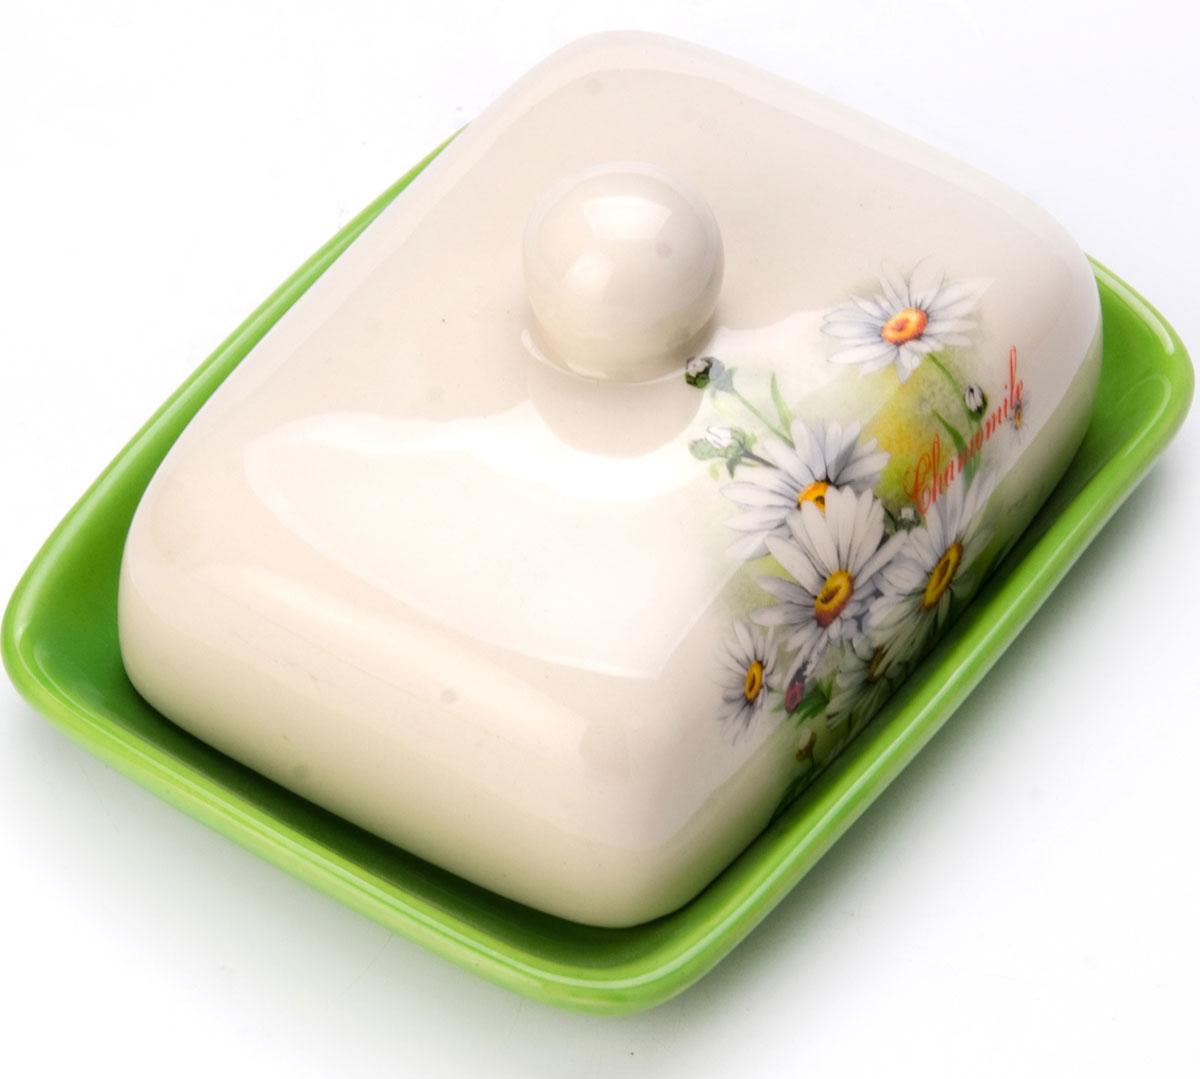 Масленка Loraine Ромашка. 2613626136Масленка Loraine, выполненная из качественной доломитовой керамики и декорированная ярким рисунком, станет украшением интерьера вашей кухни. Масленка надежно закрывается керамической крышкой и прекрасно подойдет для хранения и сервировки масла, сыра, творога.Масленка рассчитана примерно на 200 грамм масла.Пригодна для использования в холодильнике, морозильнике, микроволновой печи.Подходит для мытья в посудомоечной машине. Размер блюда: 17 х 12,5 х 2,3 см.Размер крышки: 14 х 10 х 7,5 см.Общий размер масленки: 17 х 18,5 х 8,5 см.